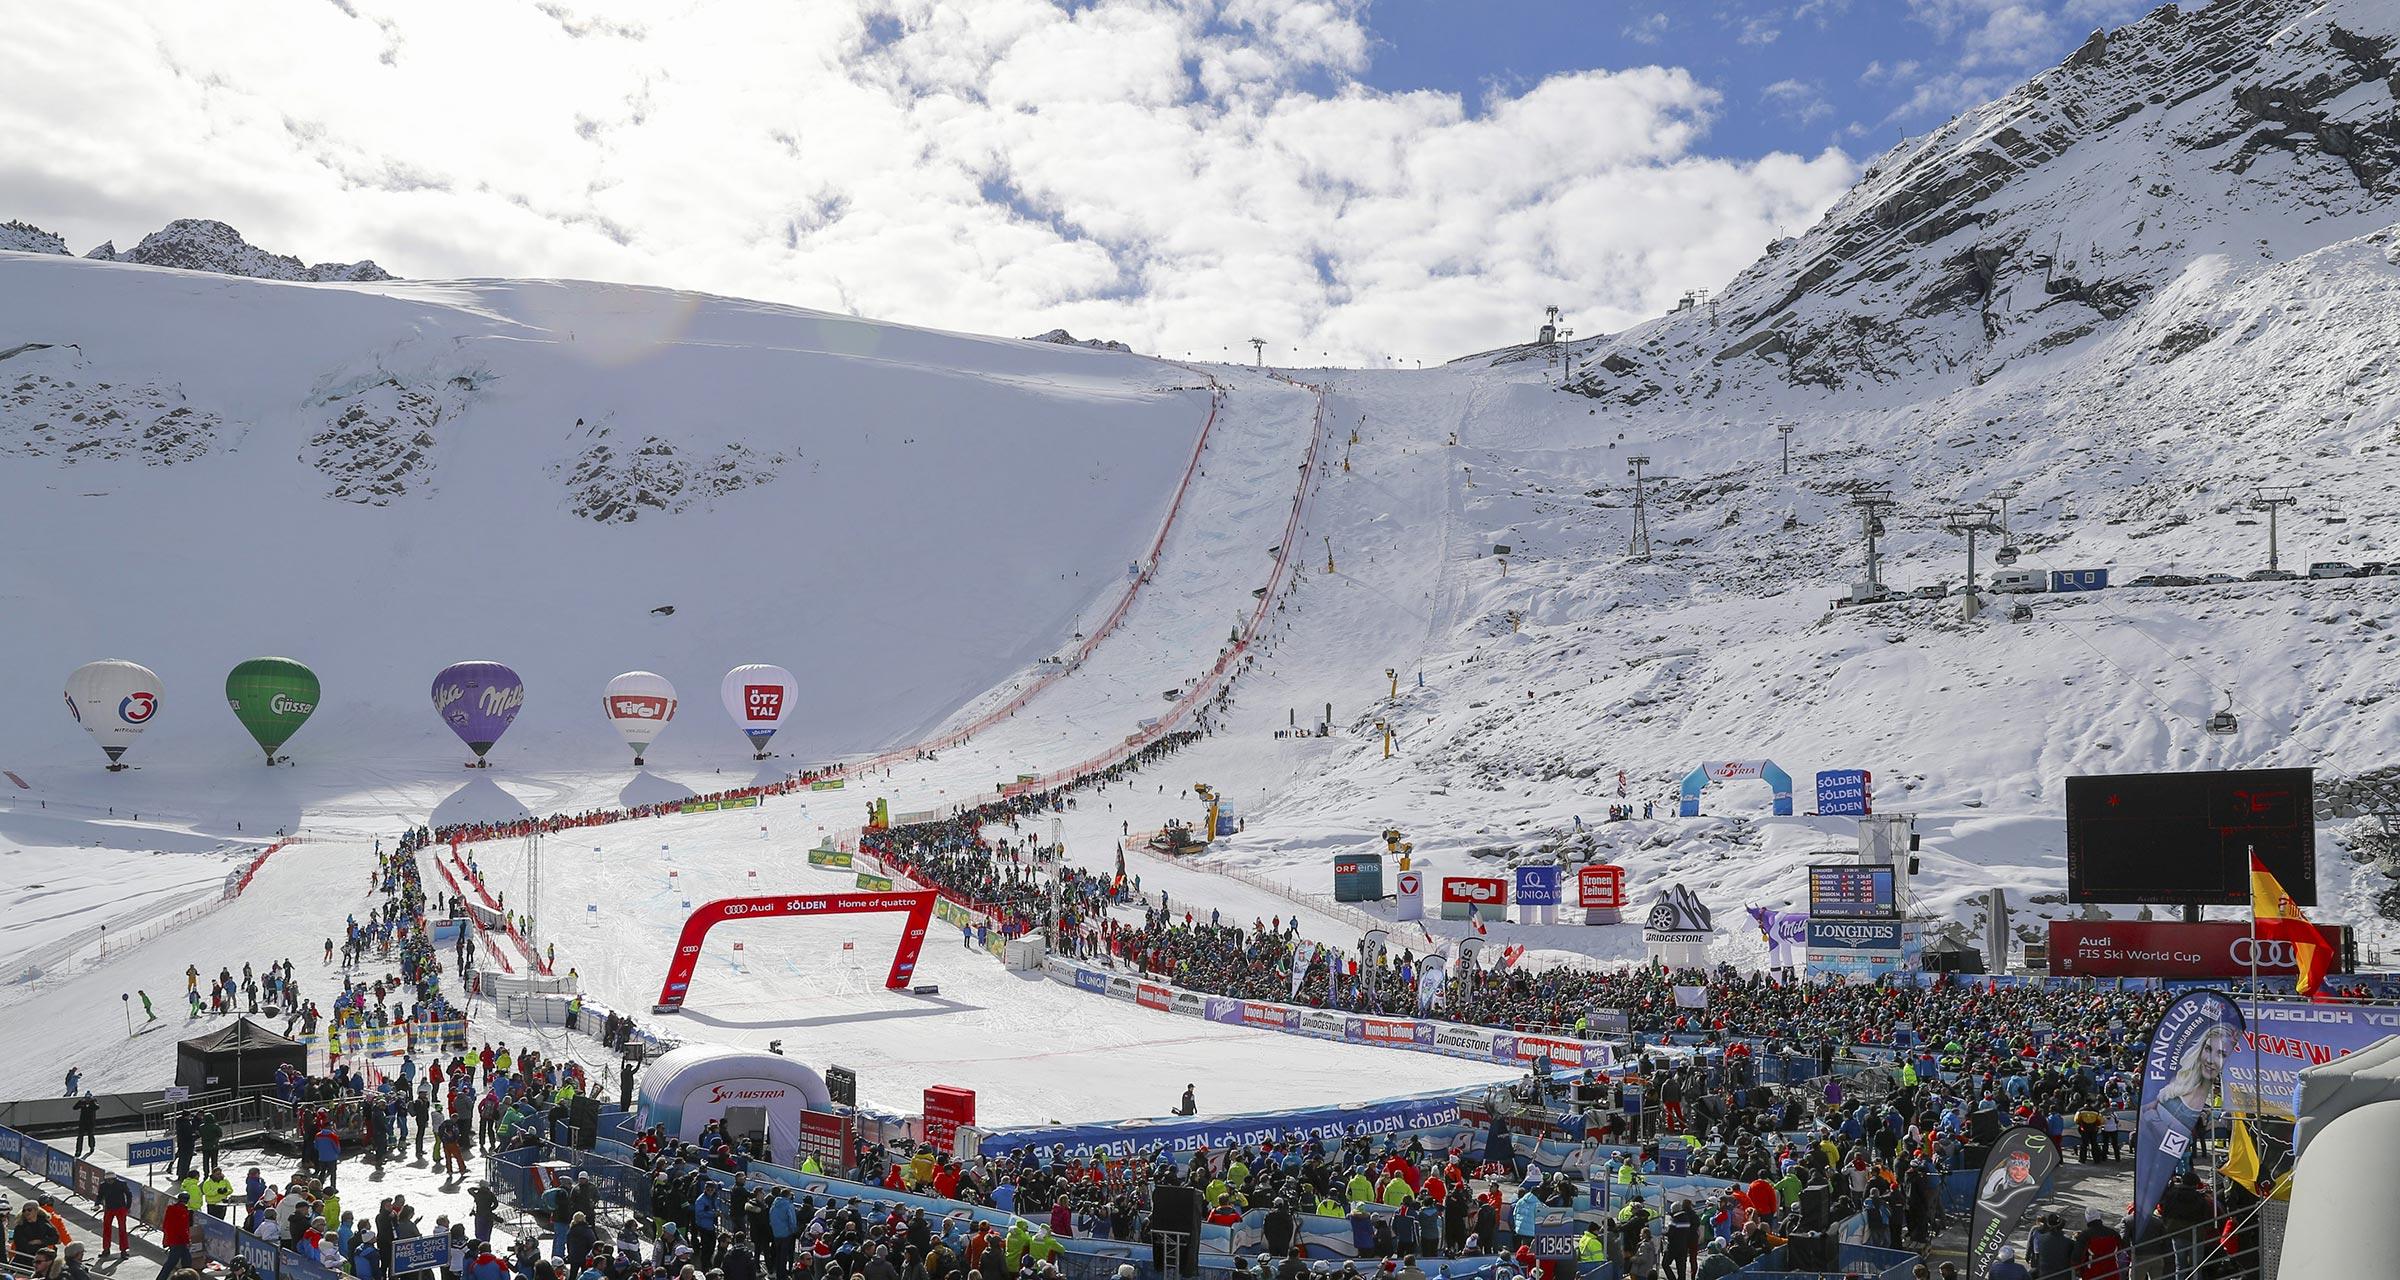 Blick auf Gletscherstadion und Weltcuphang - Skiweltcup Sölden